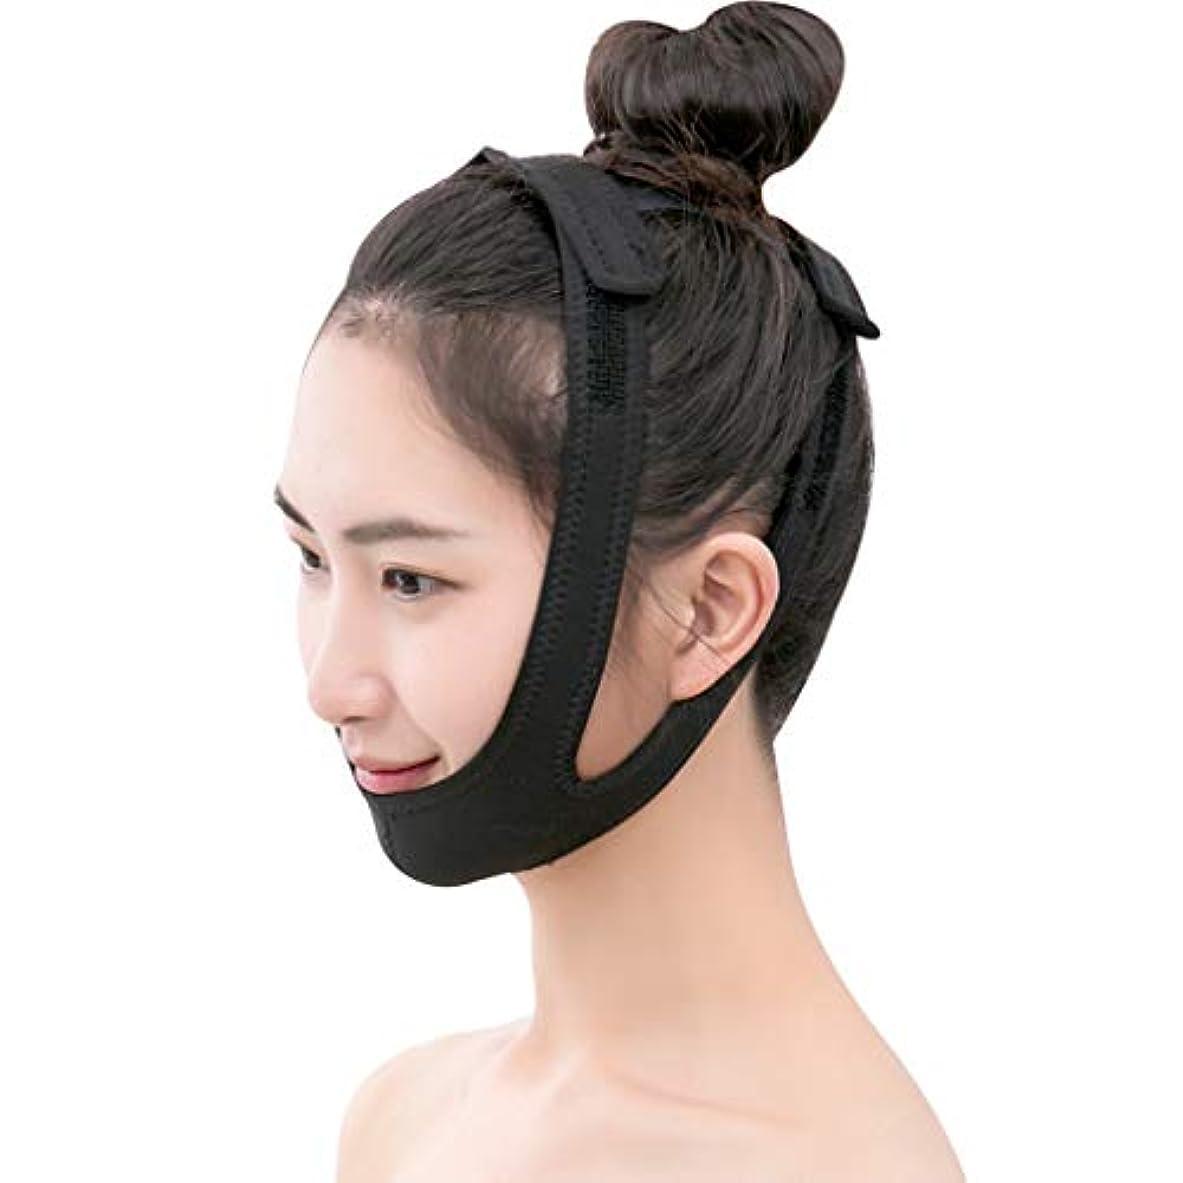 残り物刺すに変わる顔リフト手術回復ライン彫刻顔リフト顔のリフト v 顔睡眠マスク